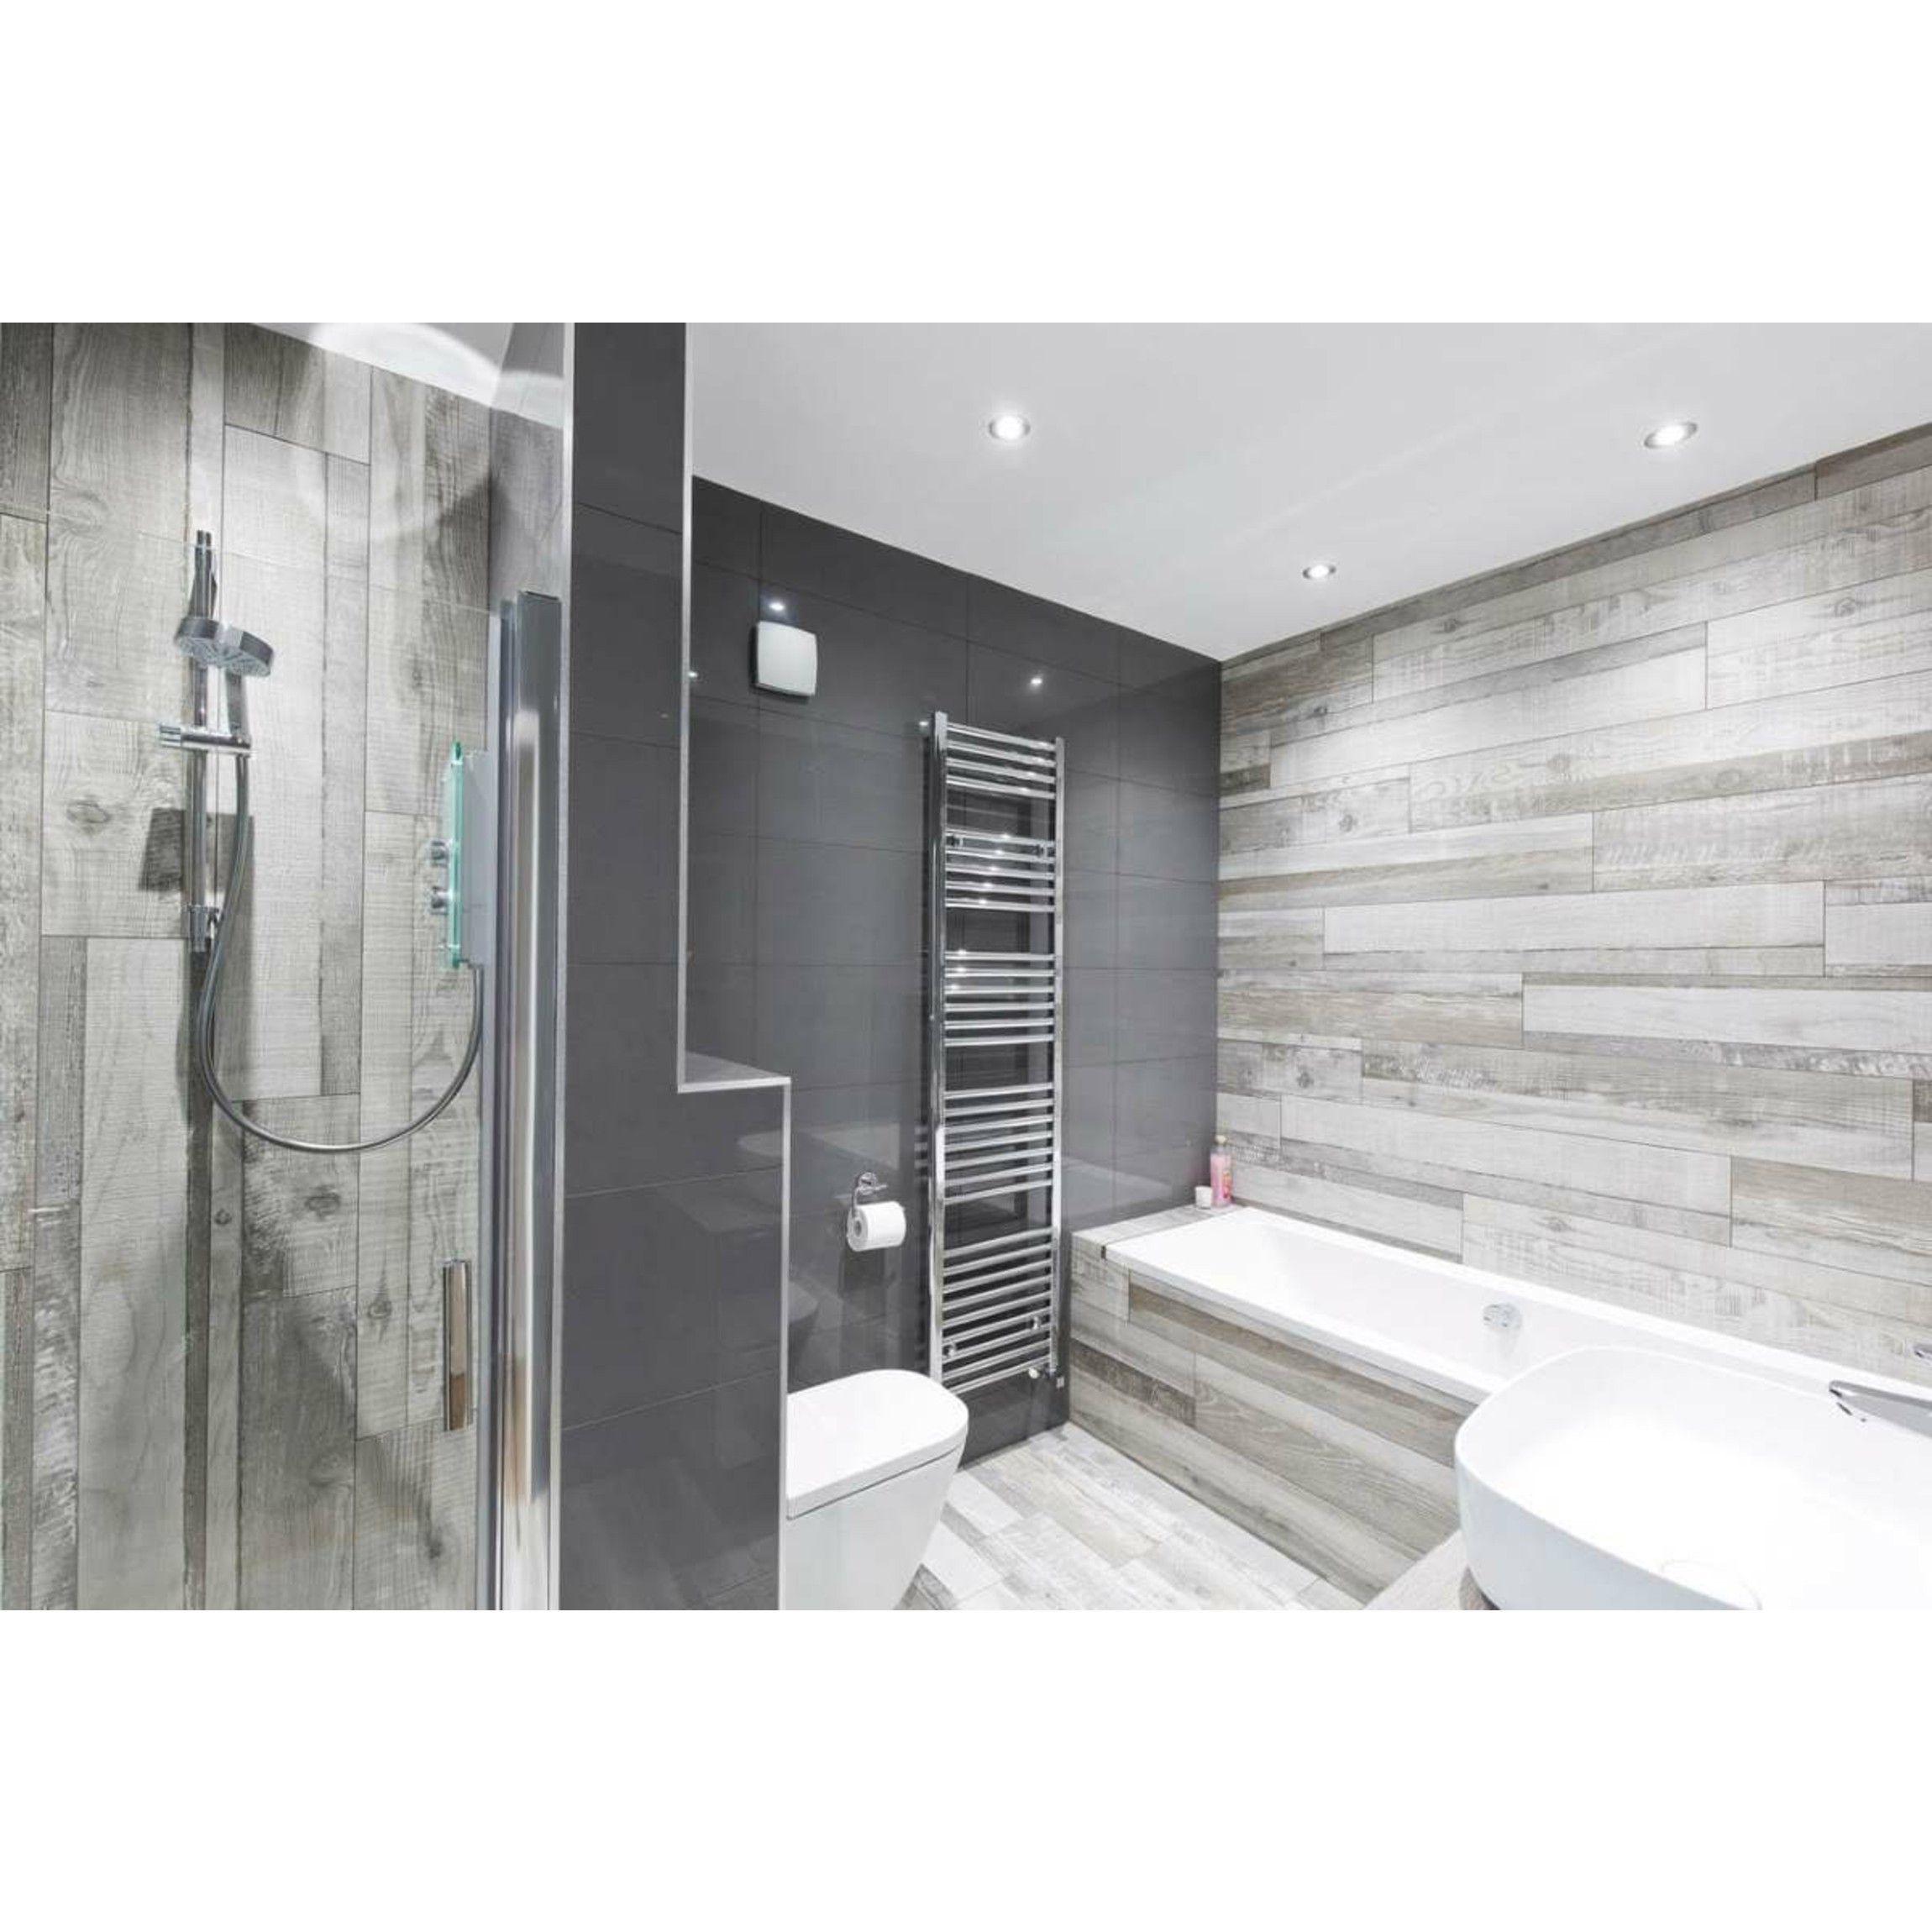 Kauri Rustic Natural Wood Effect Floor, Grey Wood Tile Bathroom